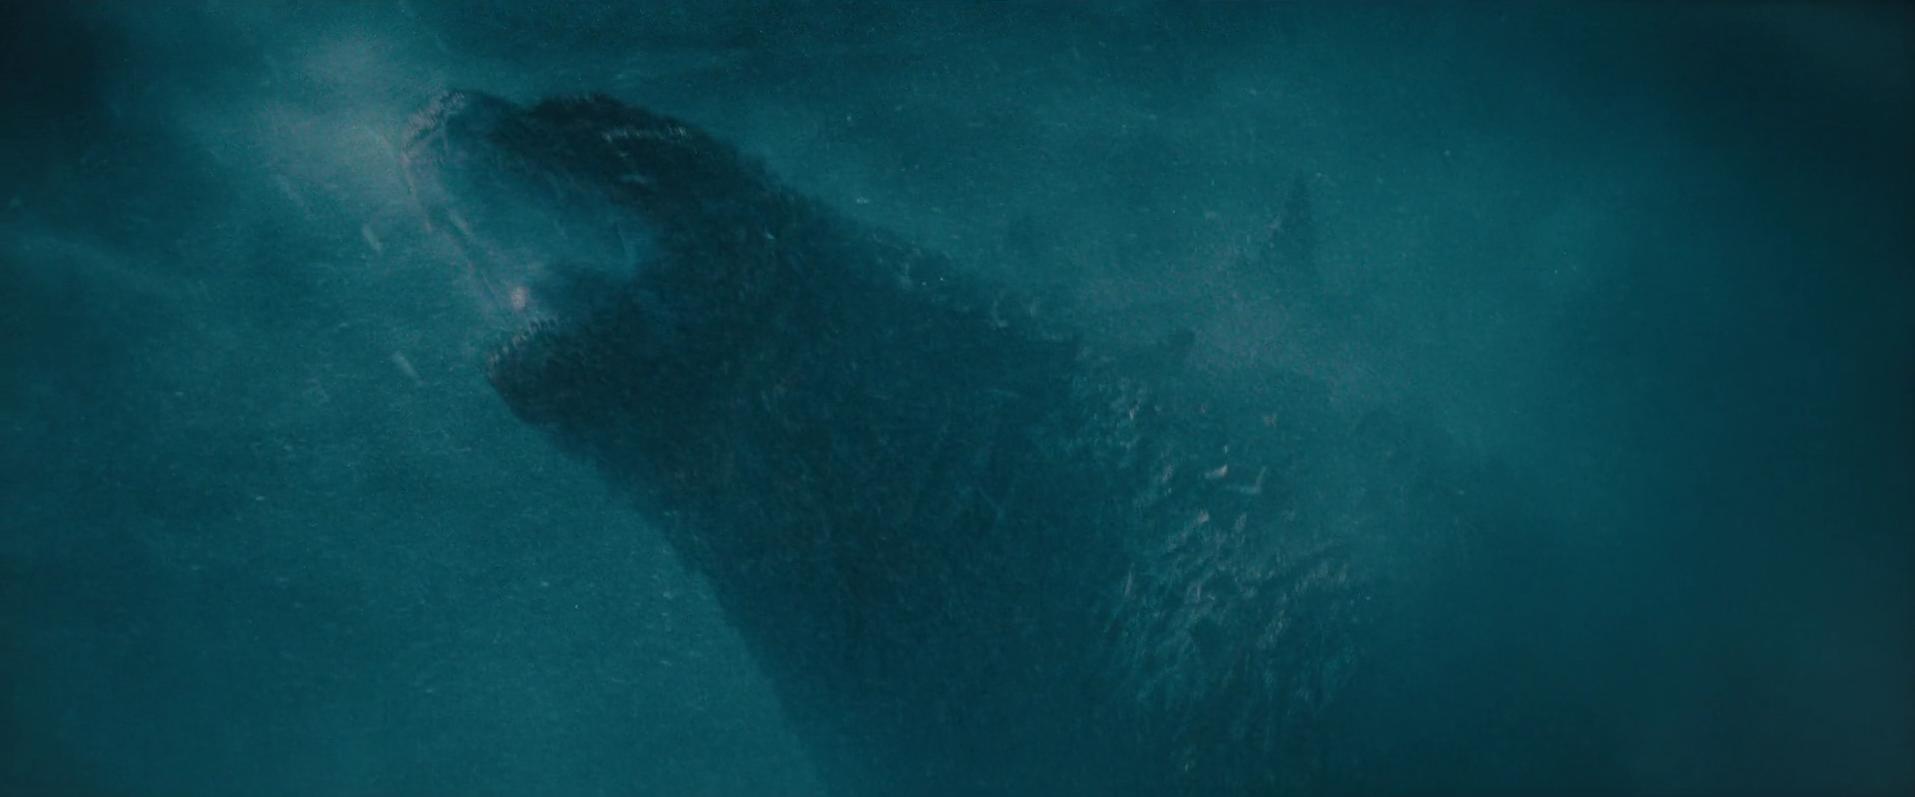 Run 9 - Godzilla  Roars.png